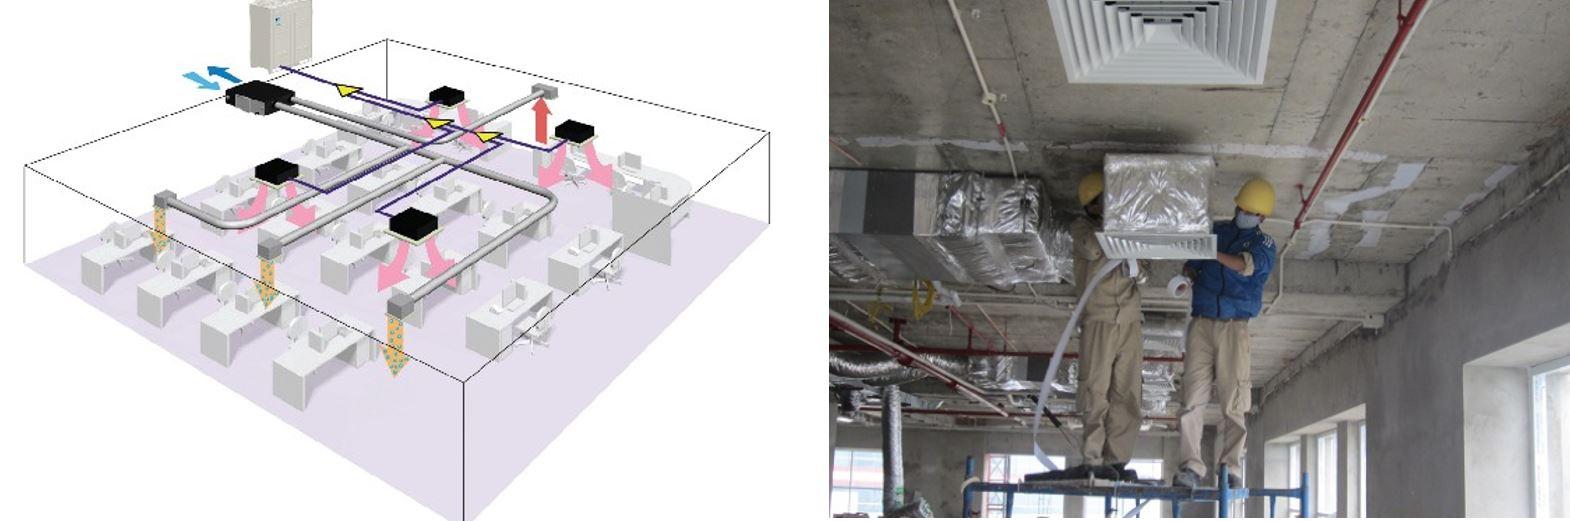 Sơ đồ hệ thống điều hòa không khí và thông gió theo mô hình cục bộ cho không gian văn phòng, TTTM, công cộng có khả năng phân lập cao khi có rủi ro dịch bệnh, hạn chế lây chéo.